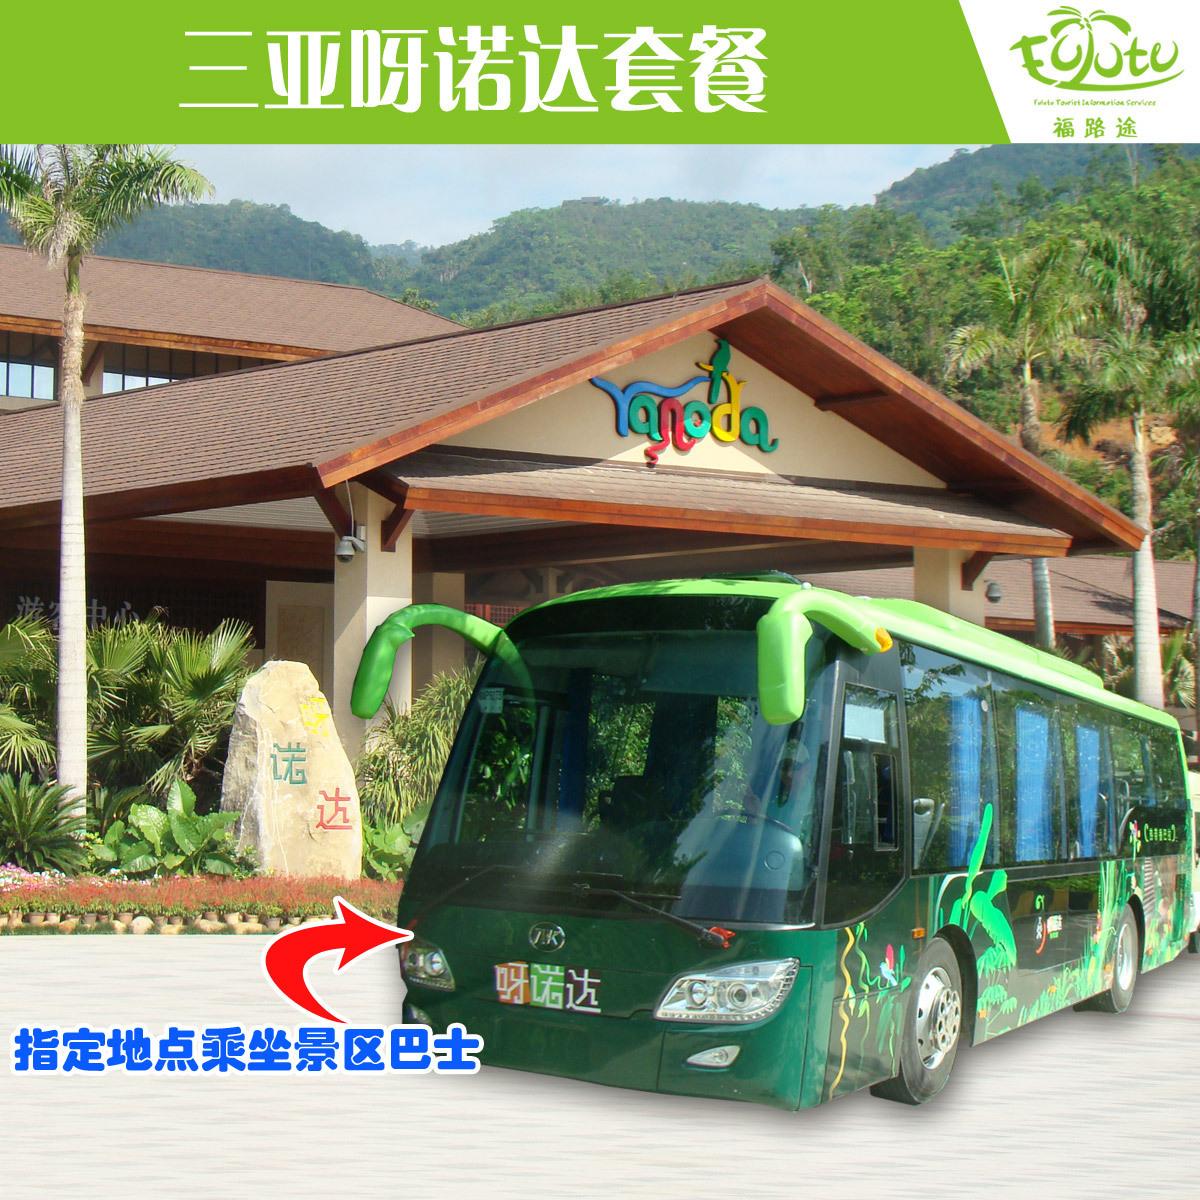 海南旅游 三亚呀诺达热带雨林套餐票电瓶车景区大巴接送自由行